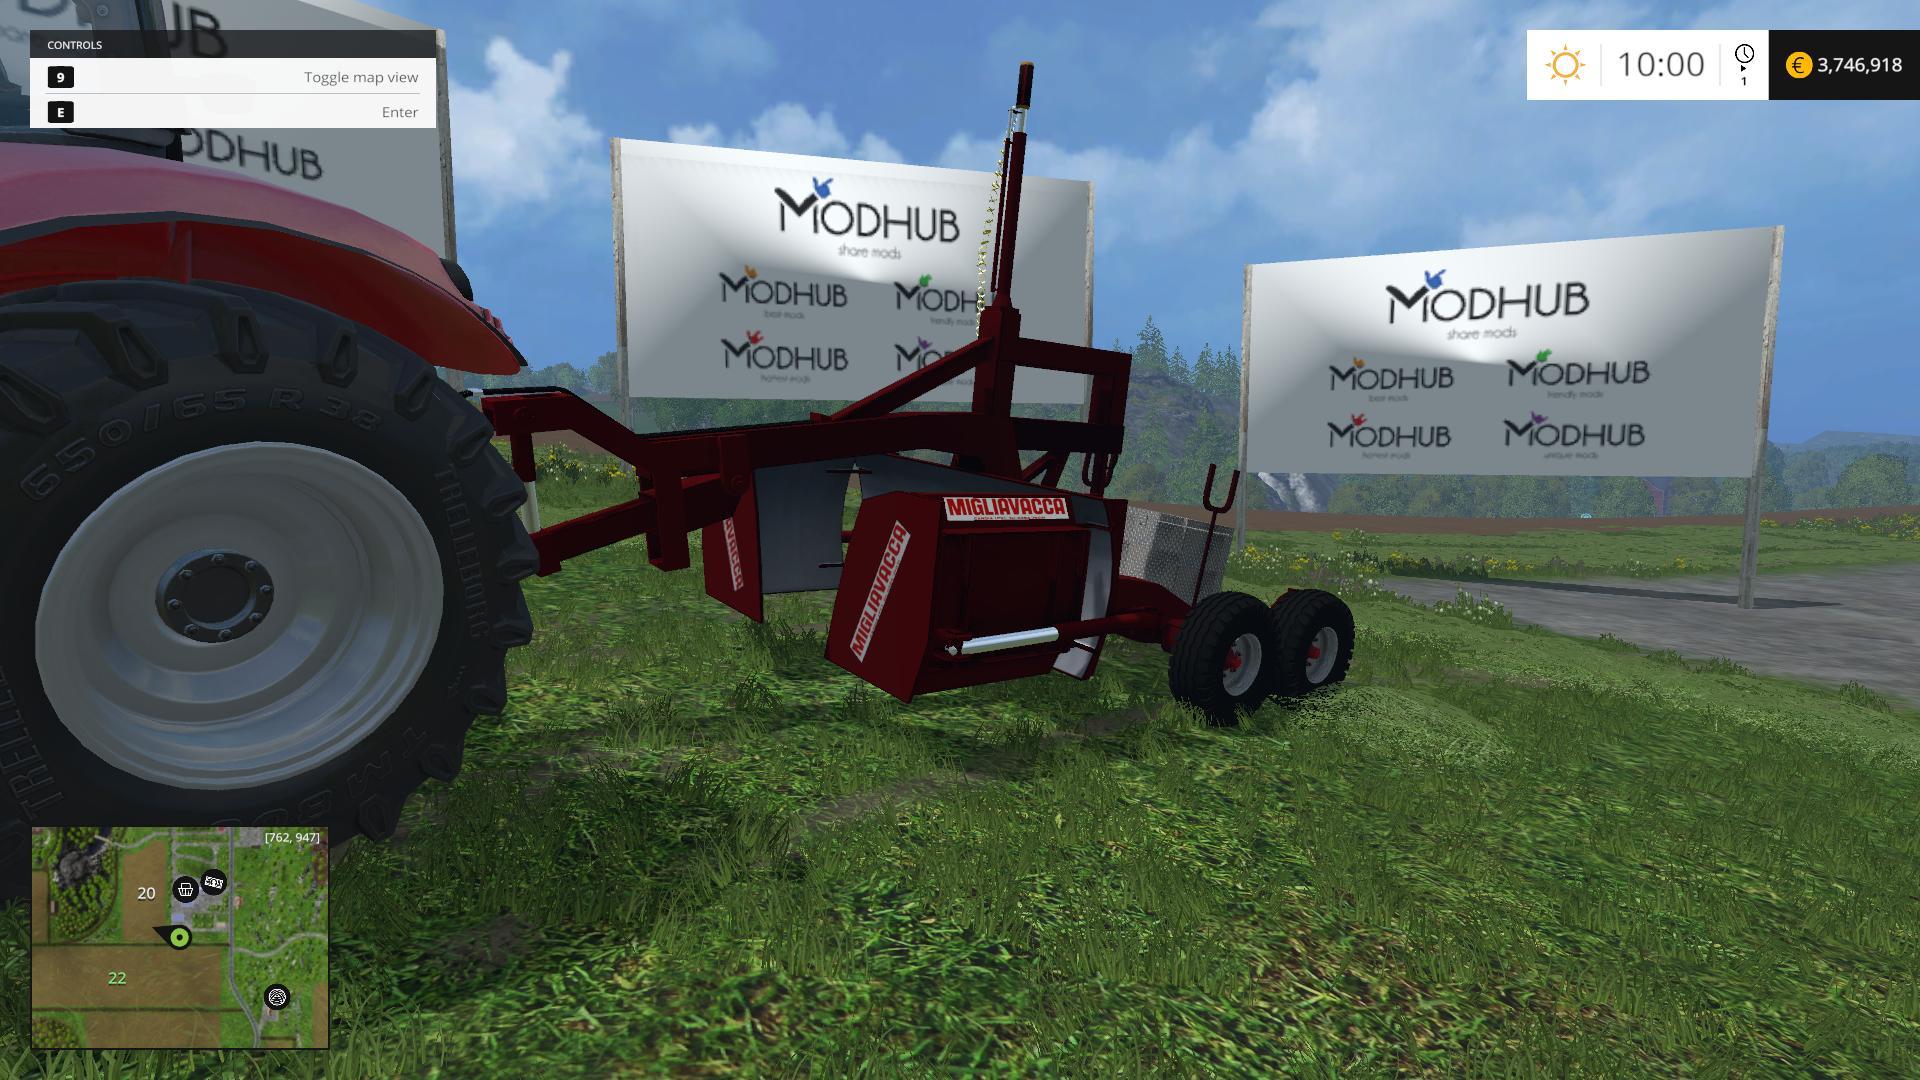 Farming simulator 19, 17, 15 mods | FS19, 17, 15 mods